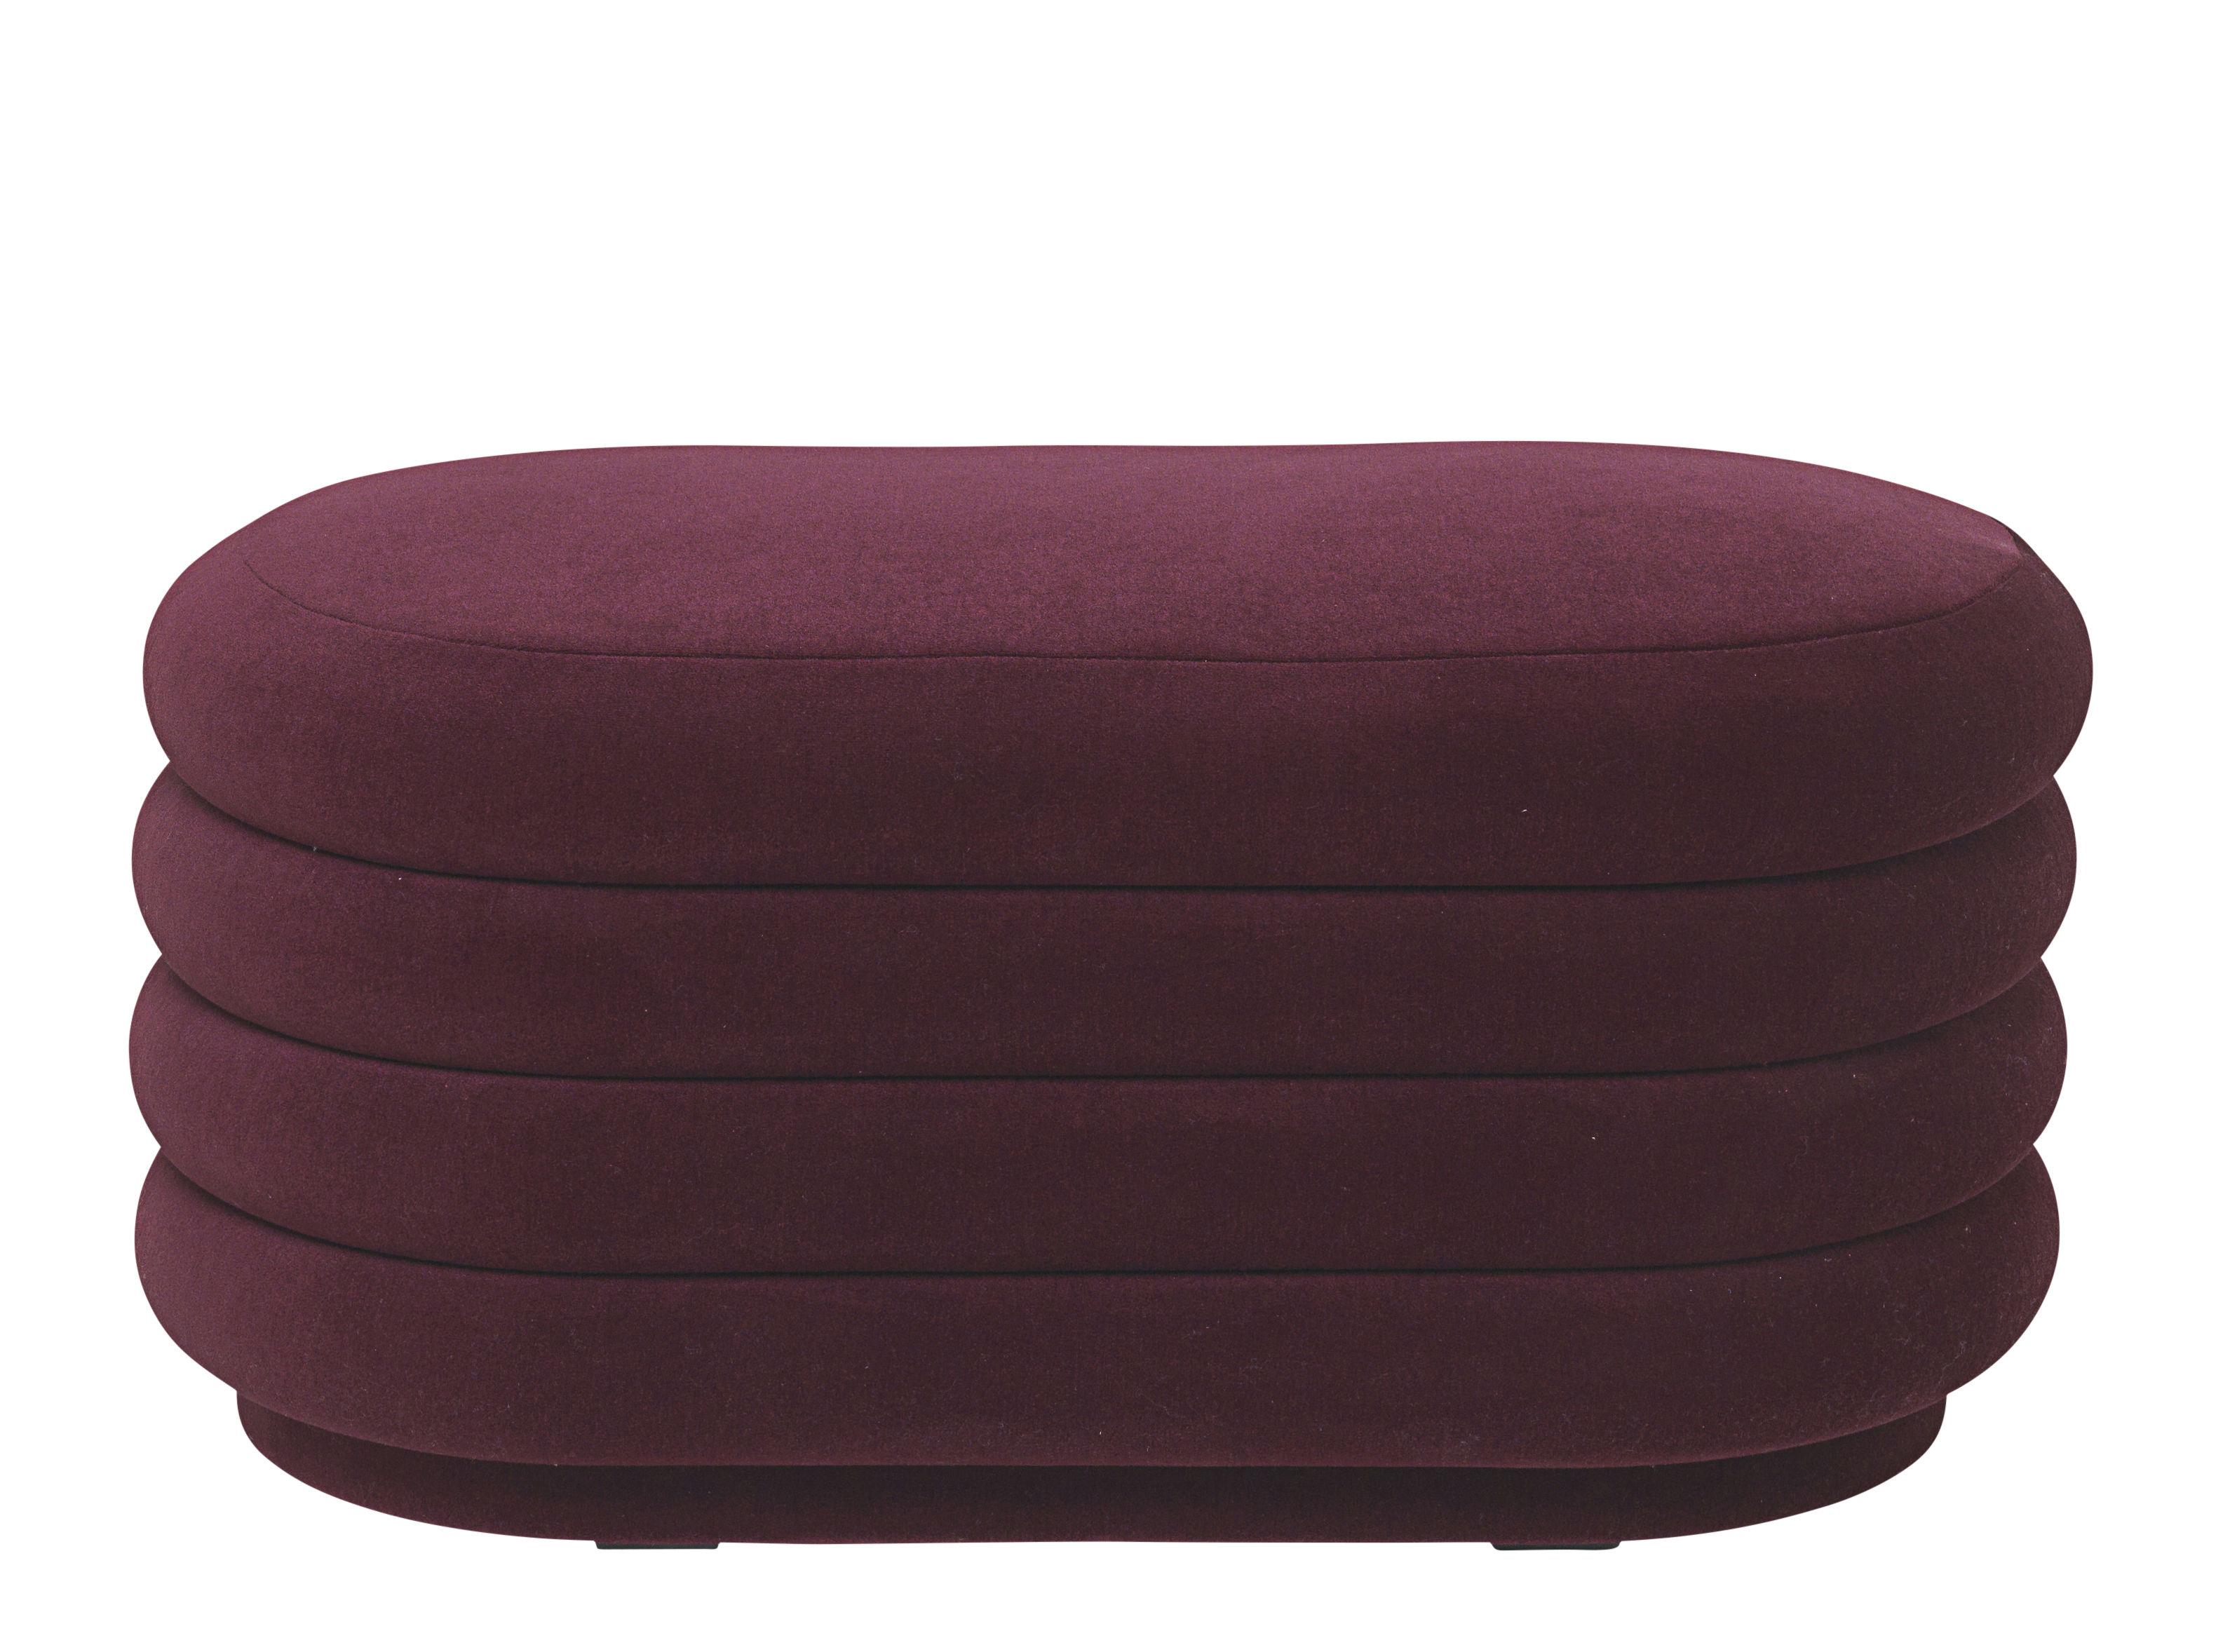 Mobilier - Poufs - Pouf Oval Medium / 90 x 42 cm - Velours - Ferm Living - Bordeaux - Bois, Mousse, Velours